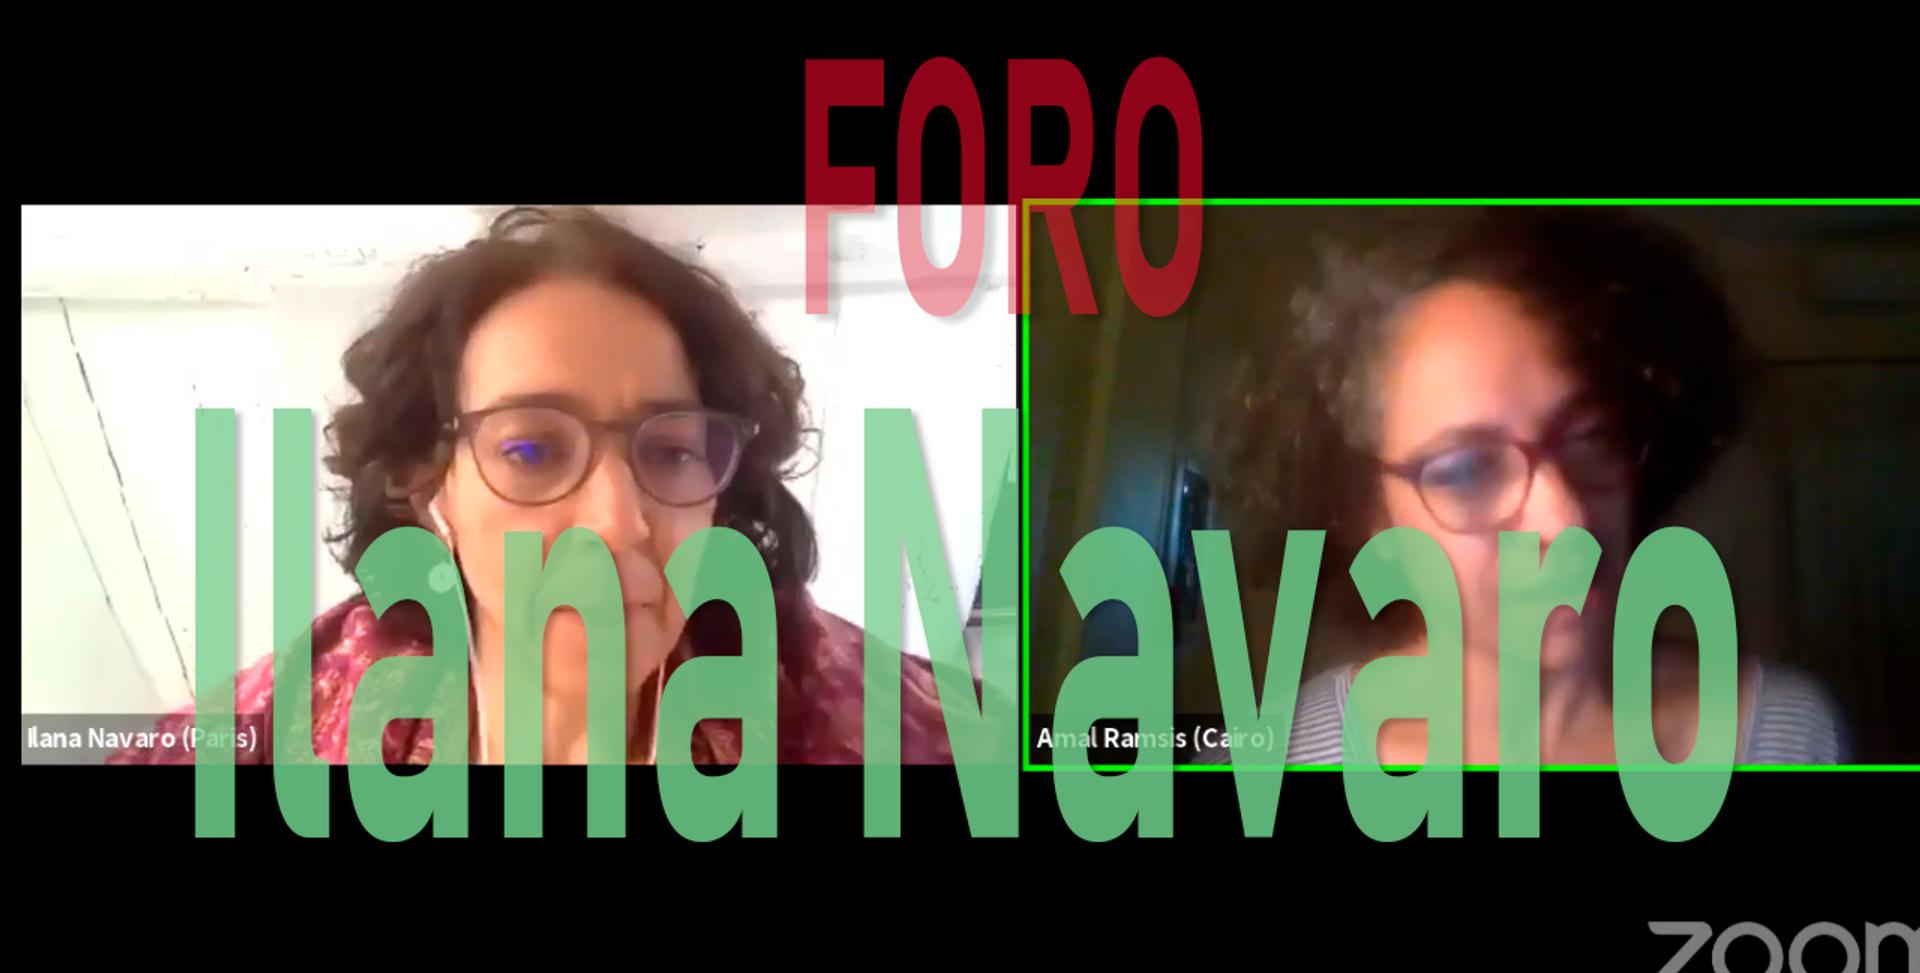 Foro con Ilana Navaro